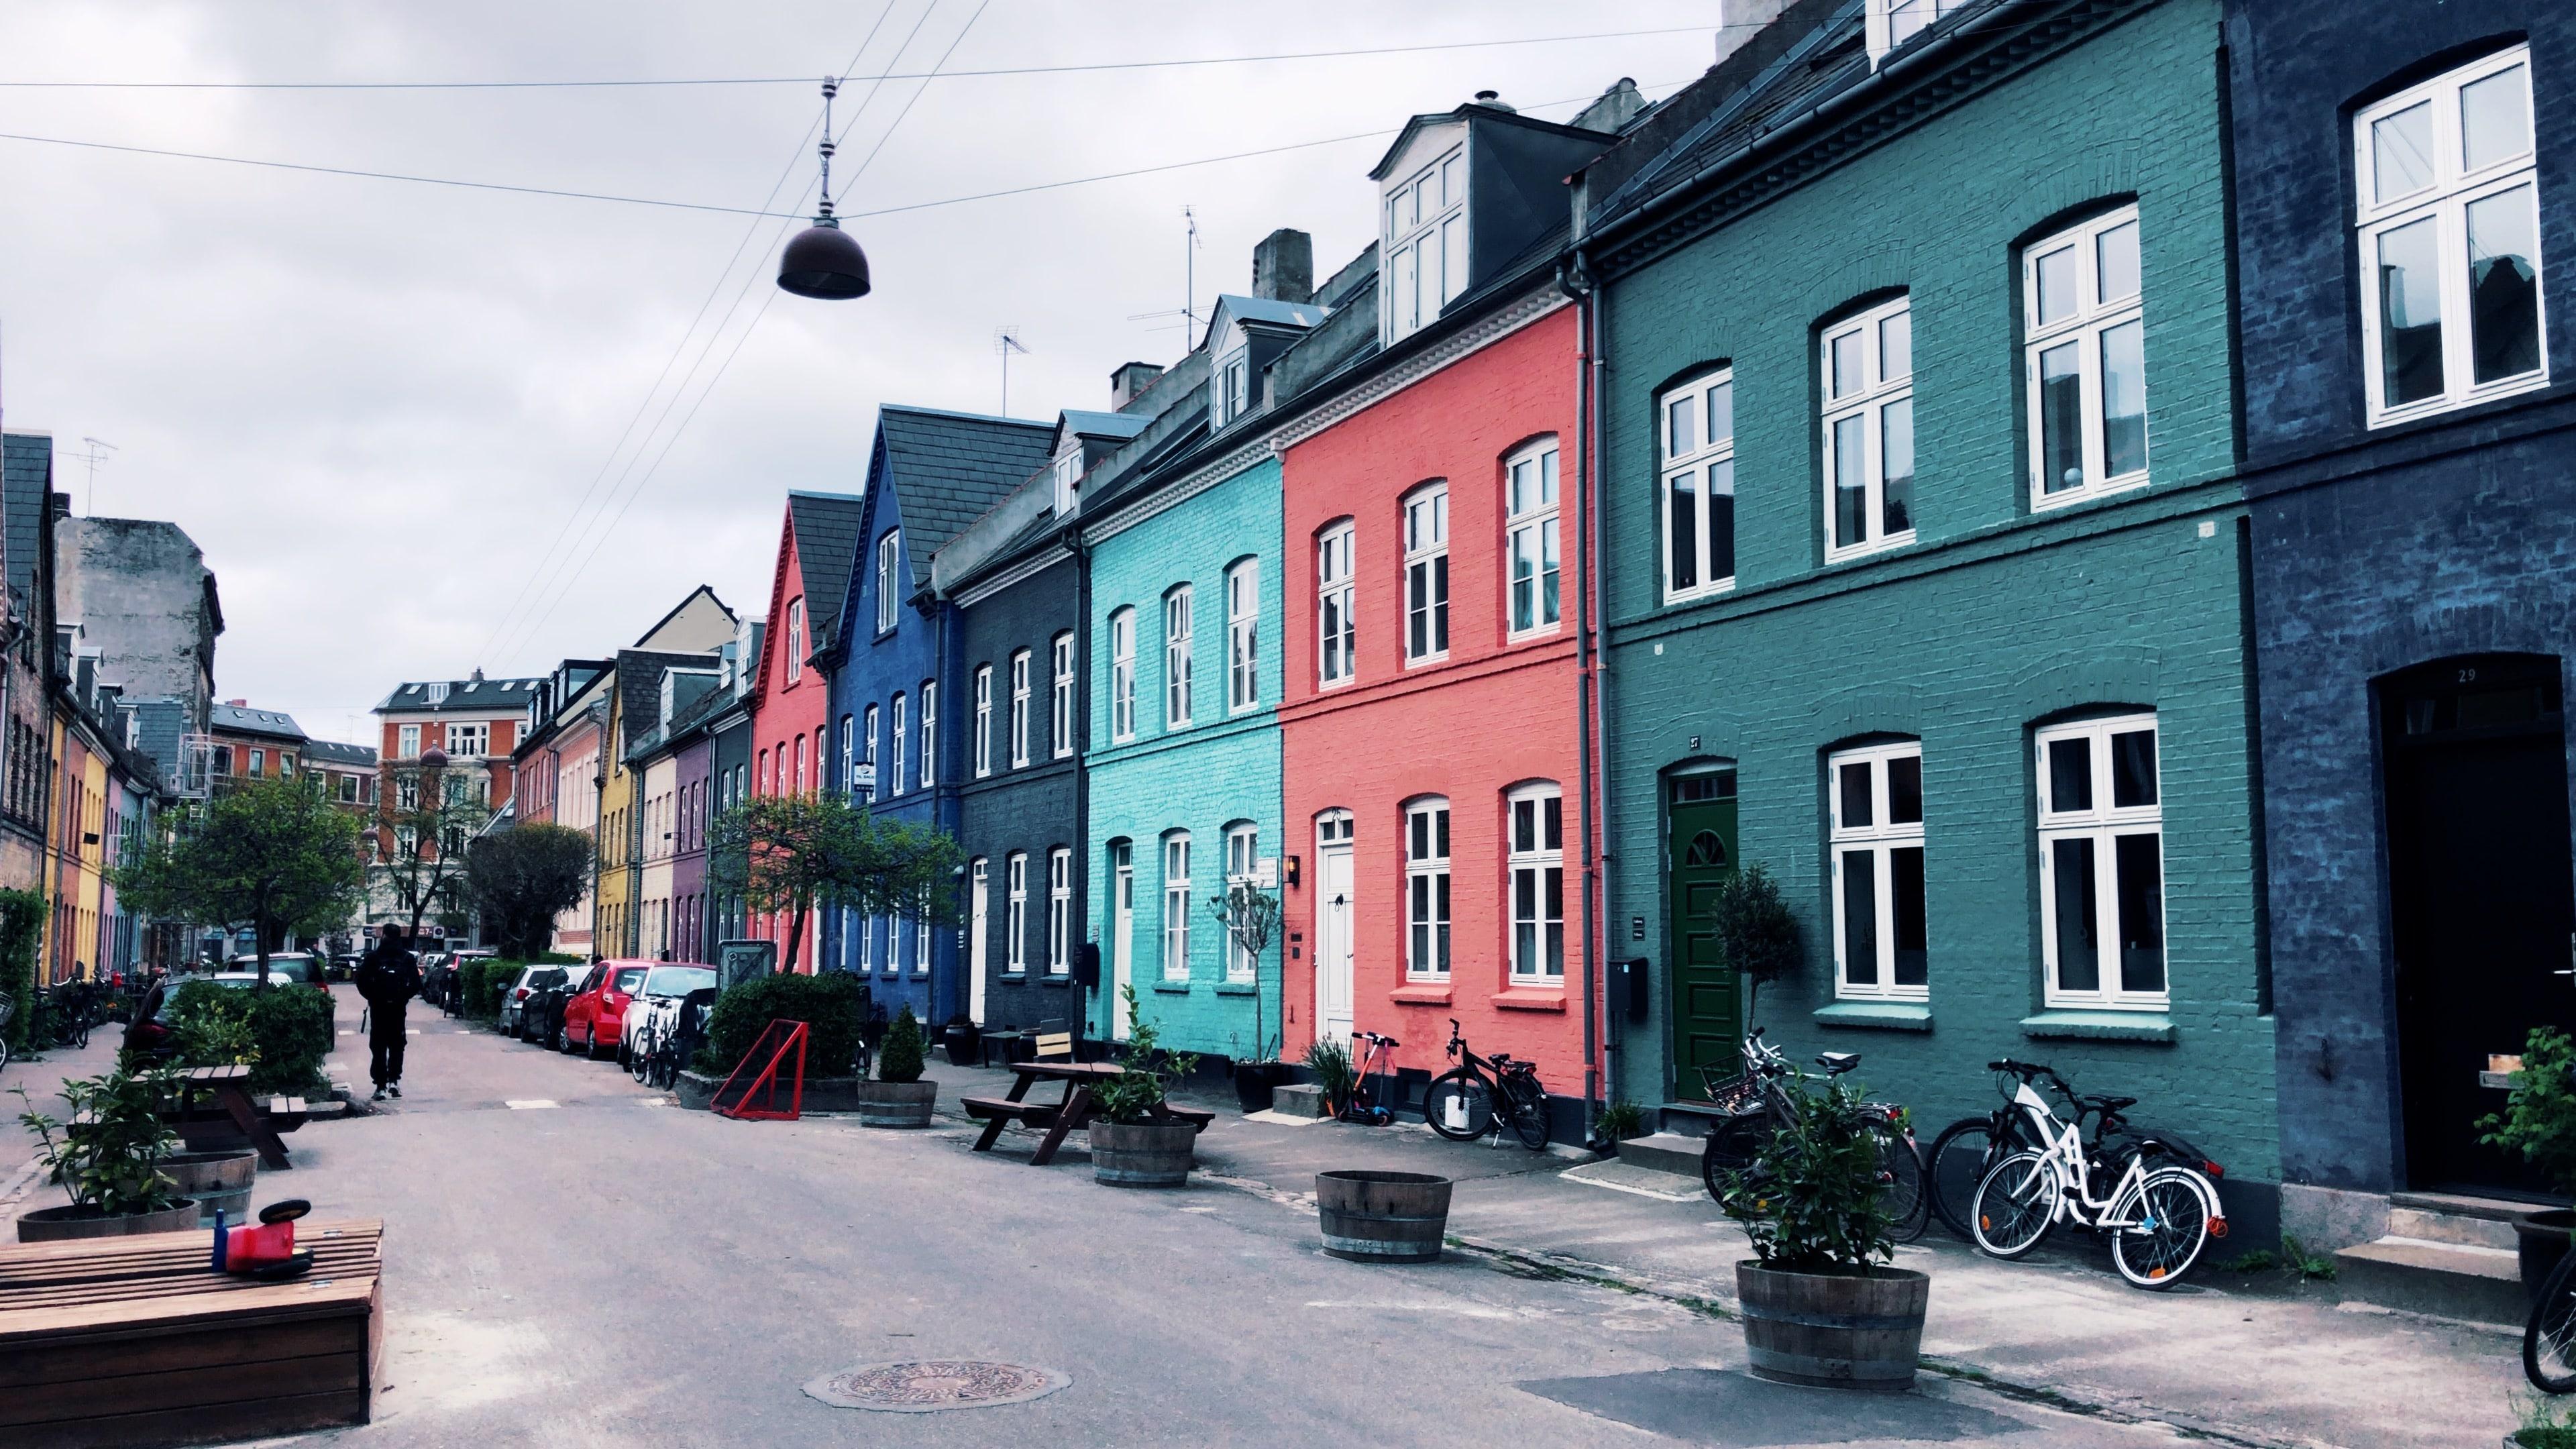 Copenhague - Olufsvej, rue colorée dans le quartier Østerbro